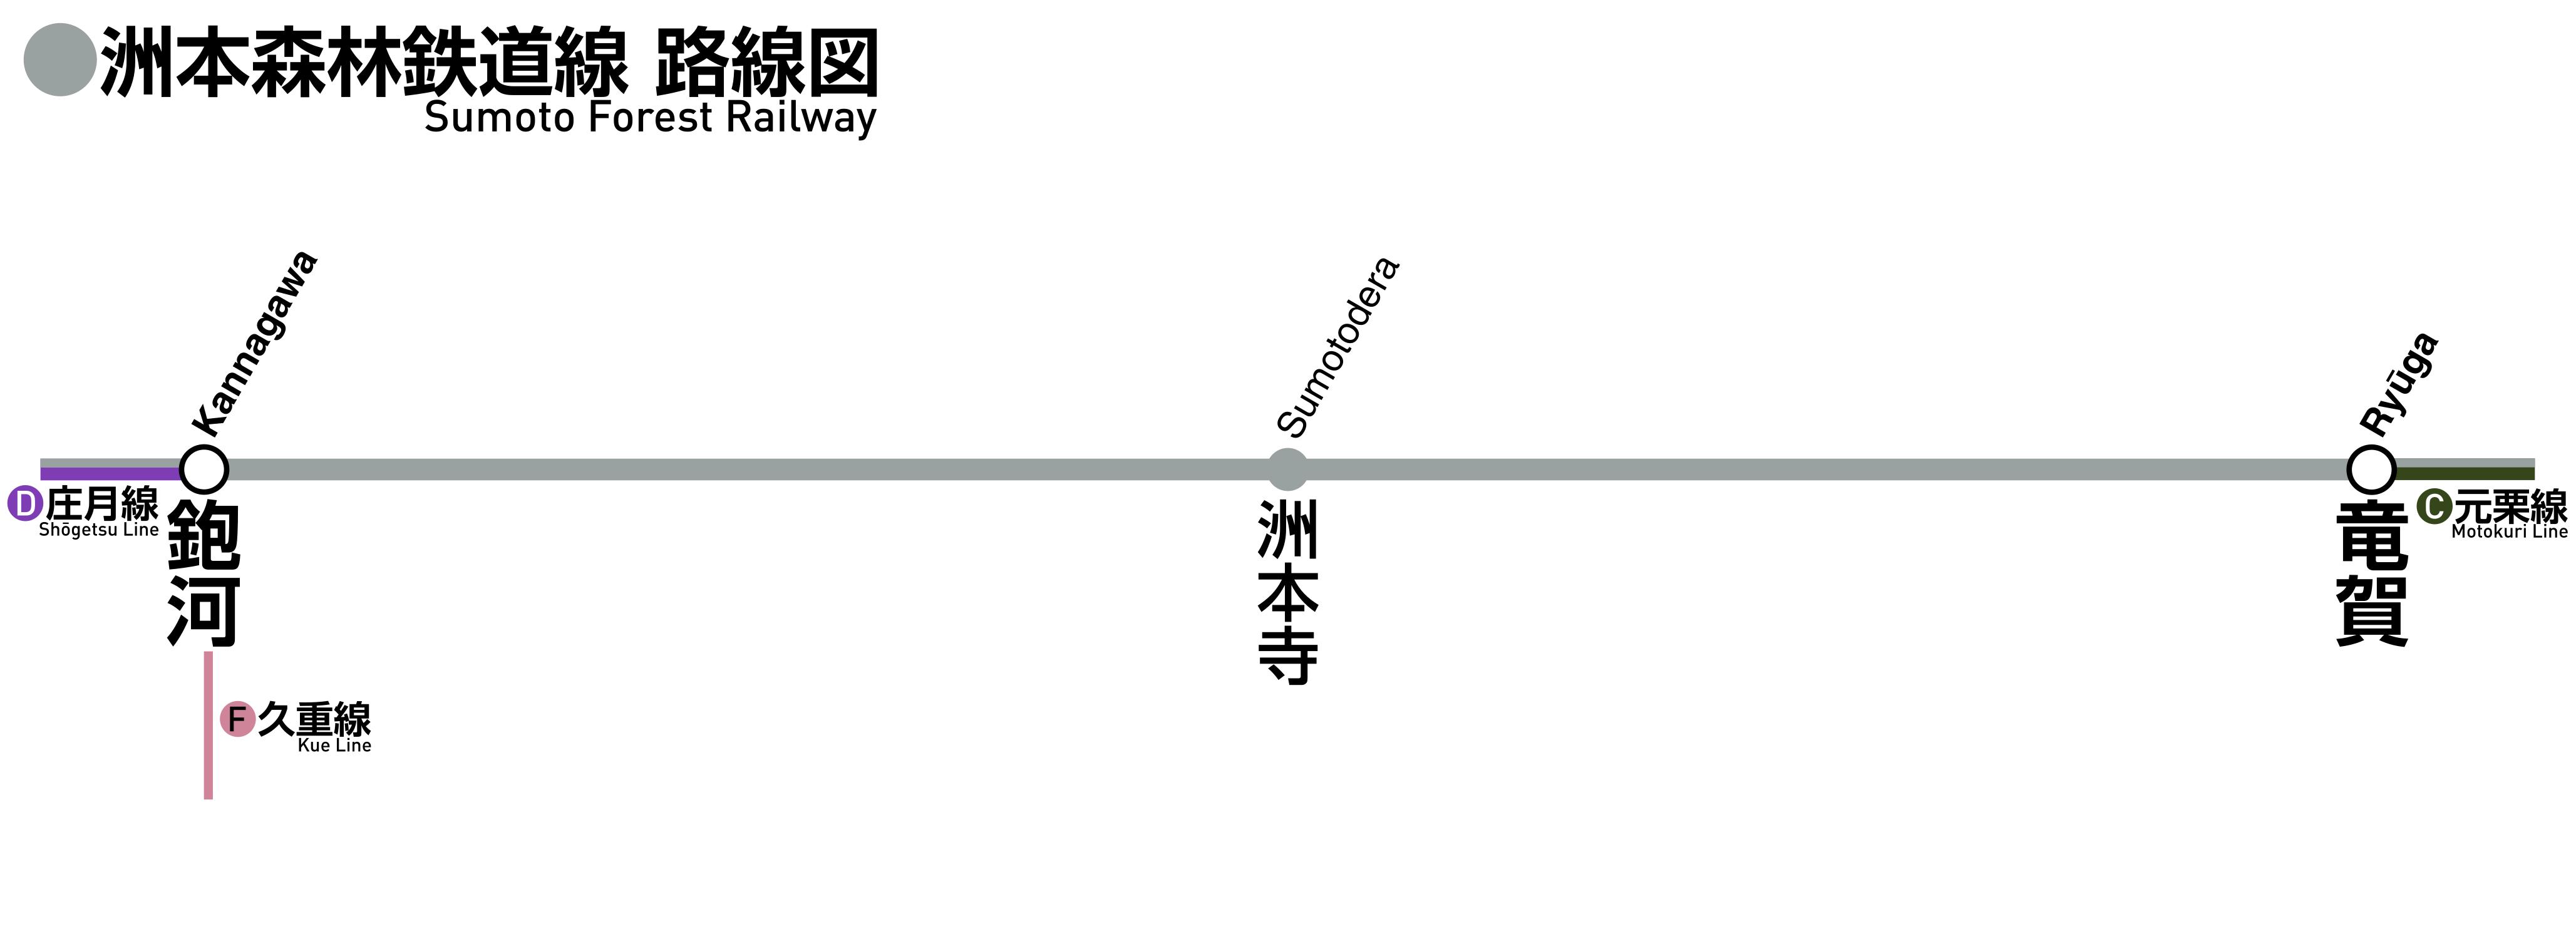 洲本森林鉄道.png